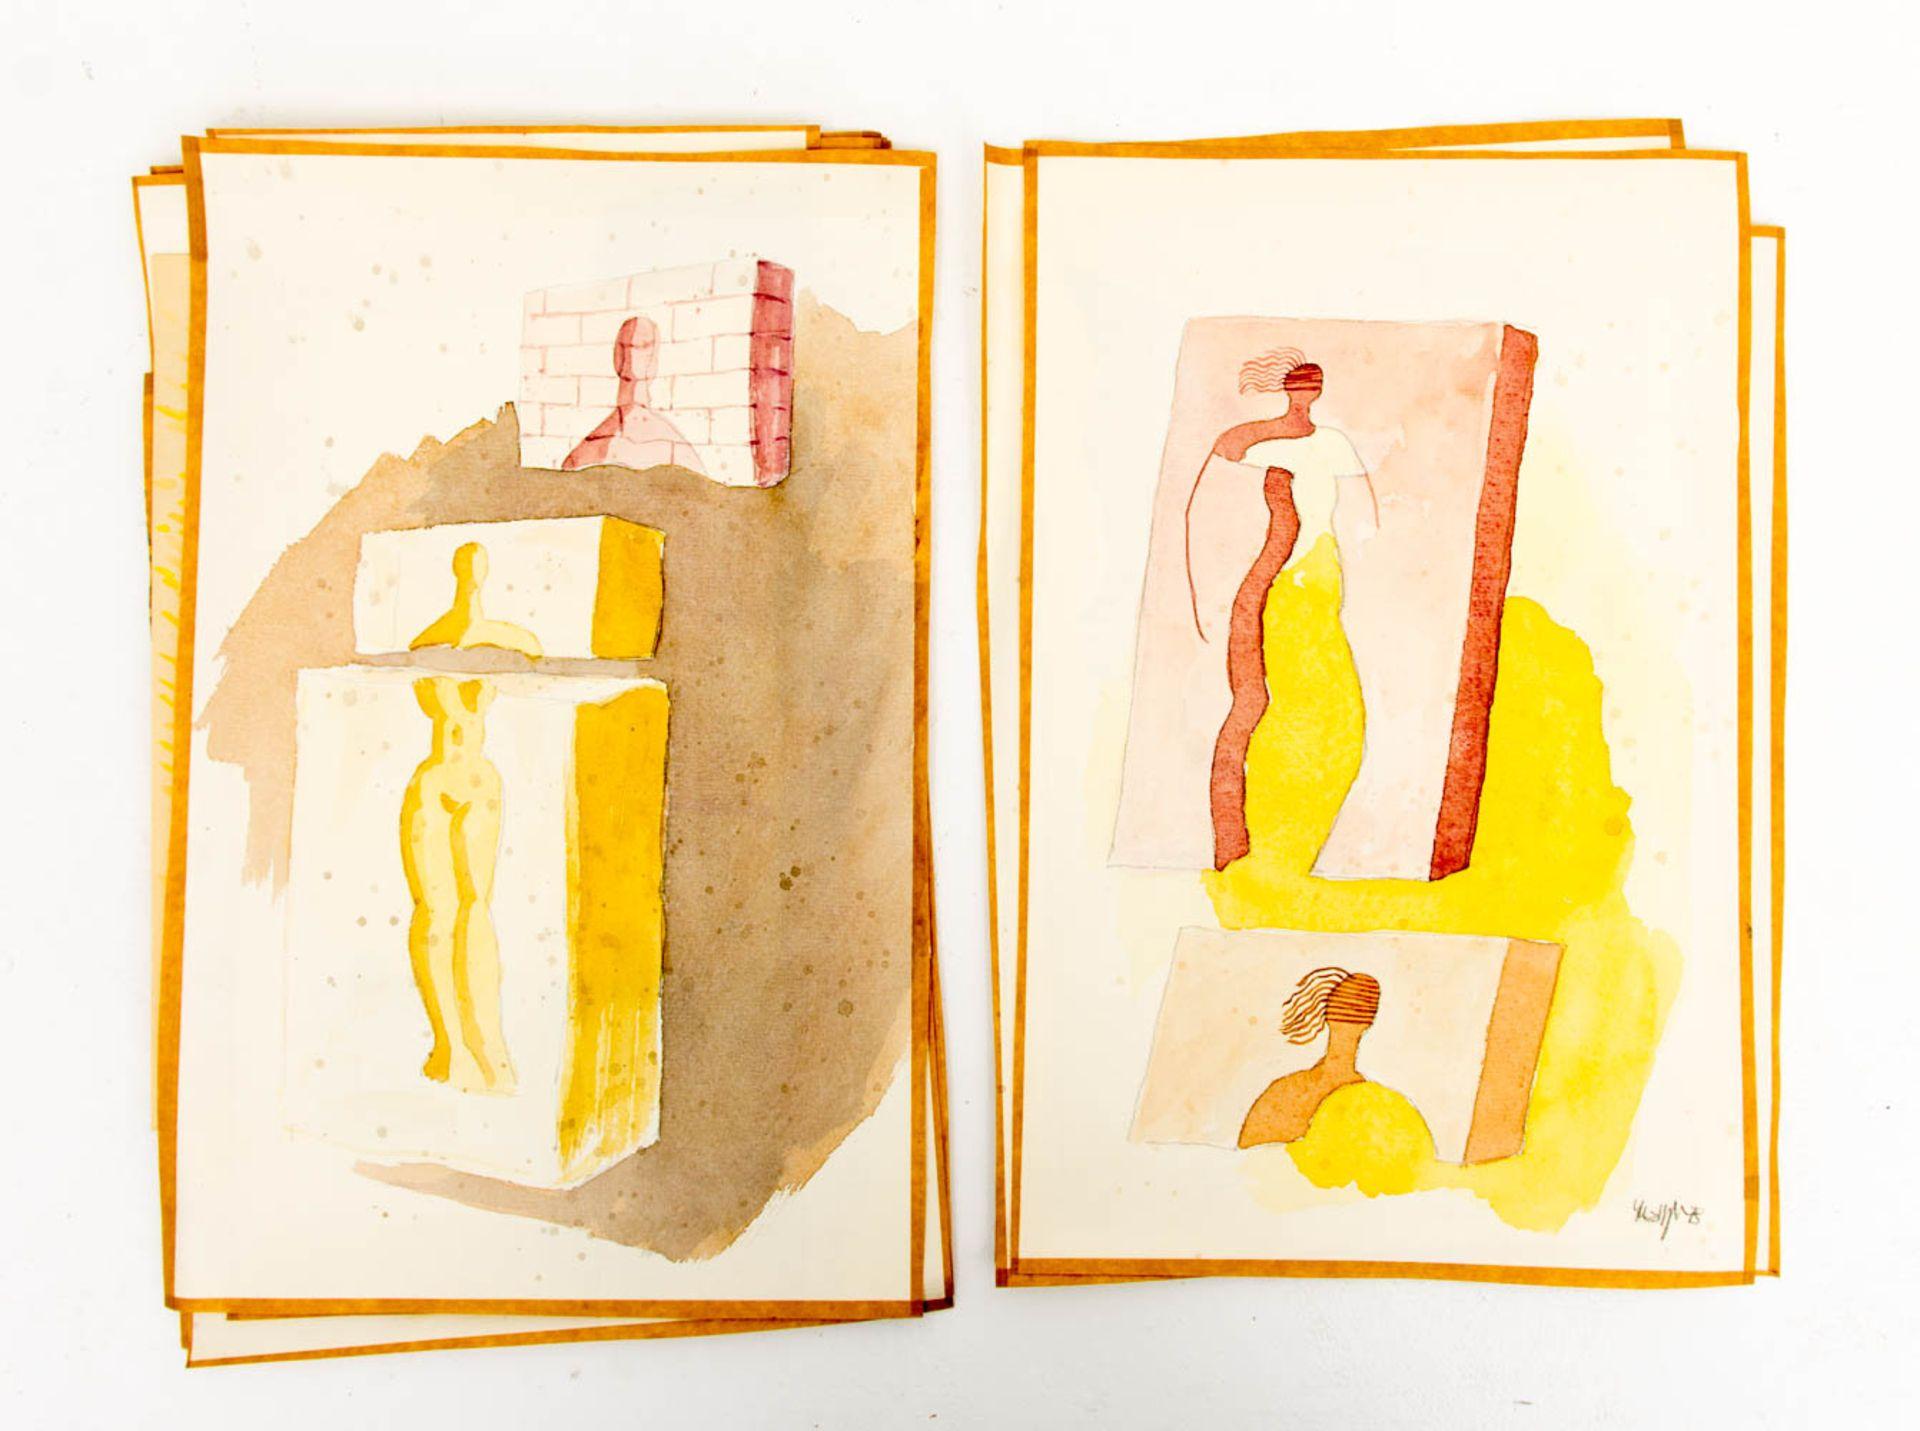 Franz Dreyer, Konvolut von über 100 verschiedenen Aquarellen und Zeichnungen, Stuttgart 20. Jh. - Bild 5 aus 5